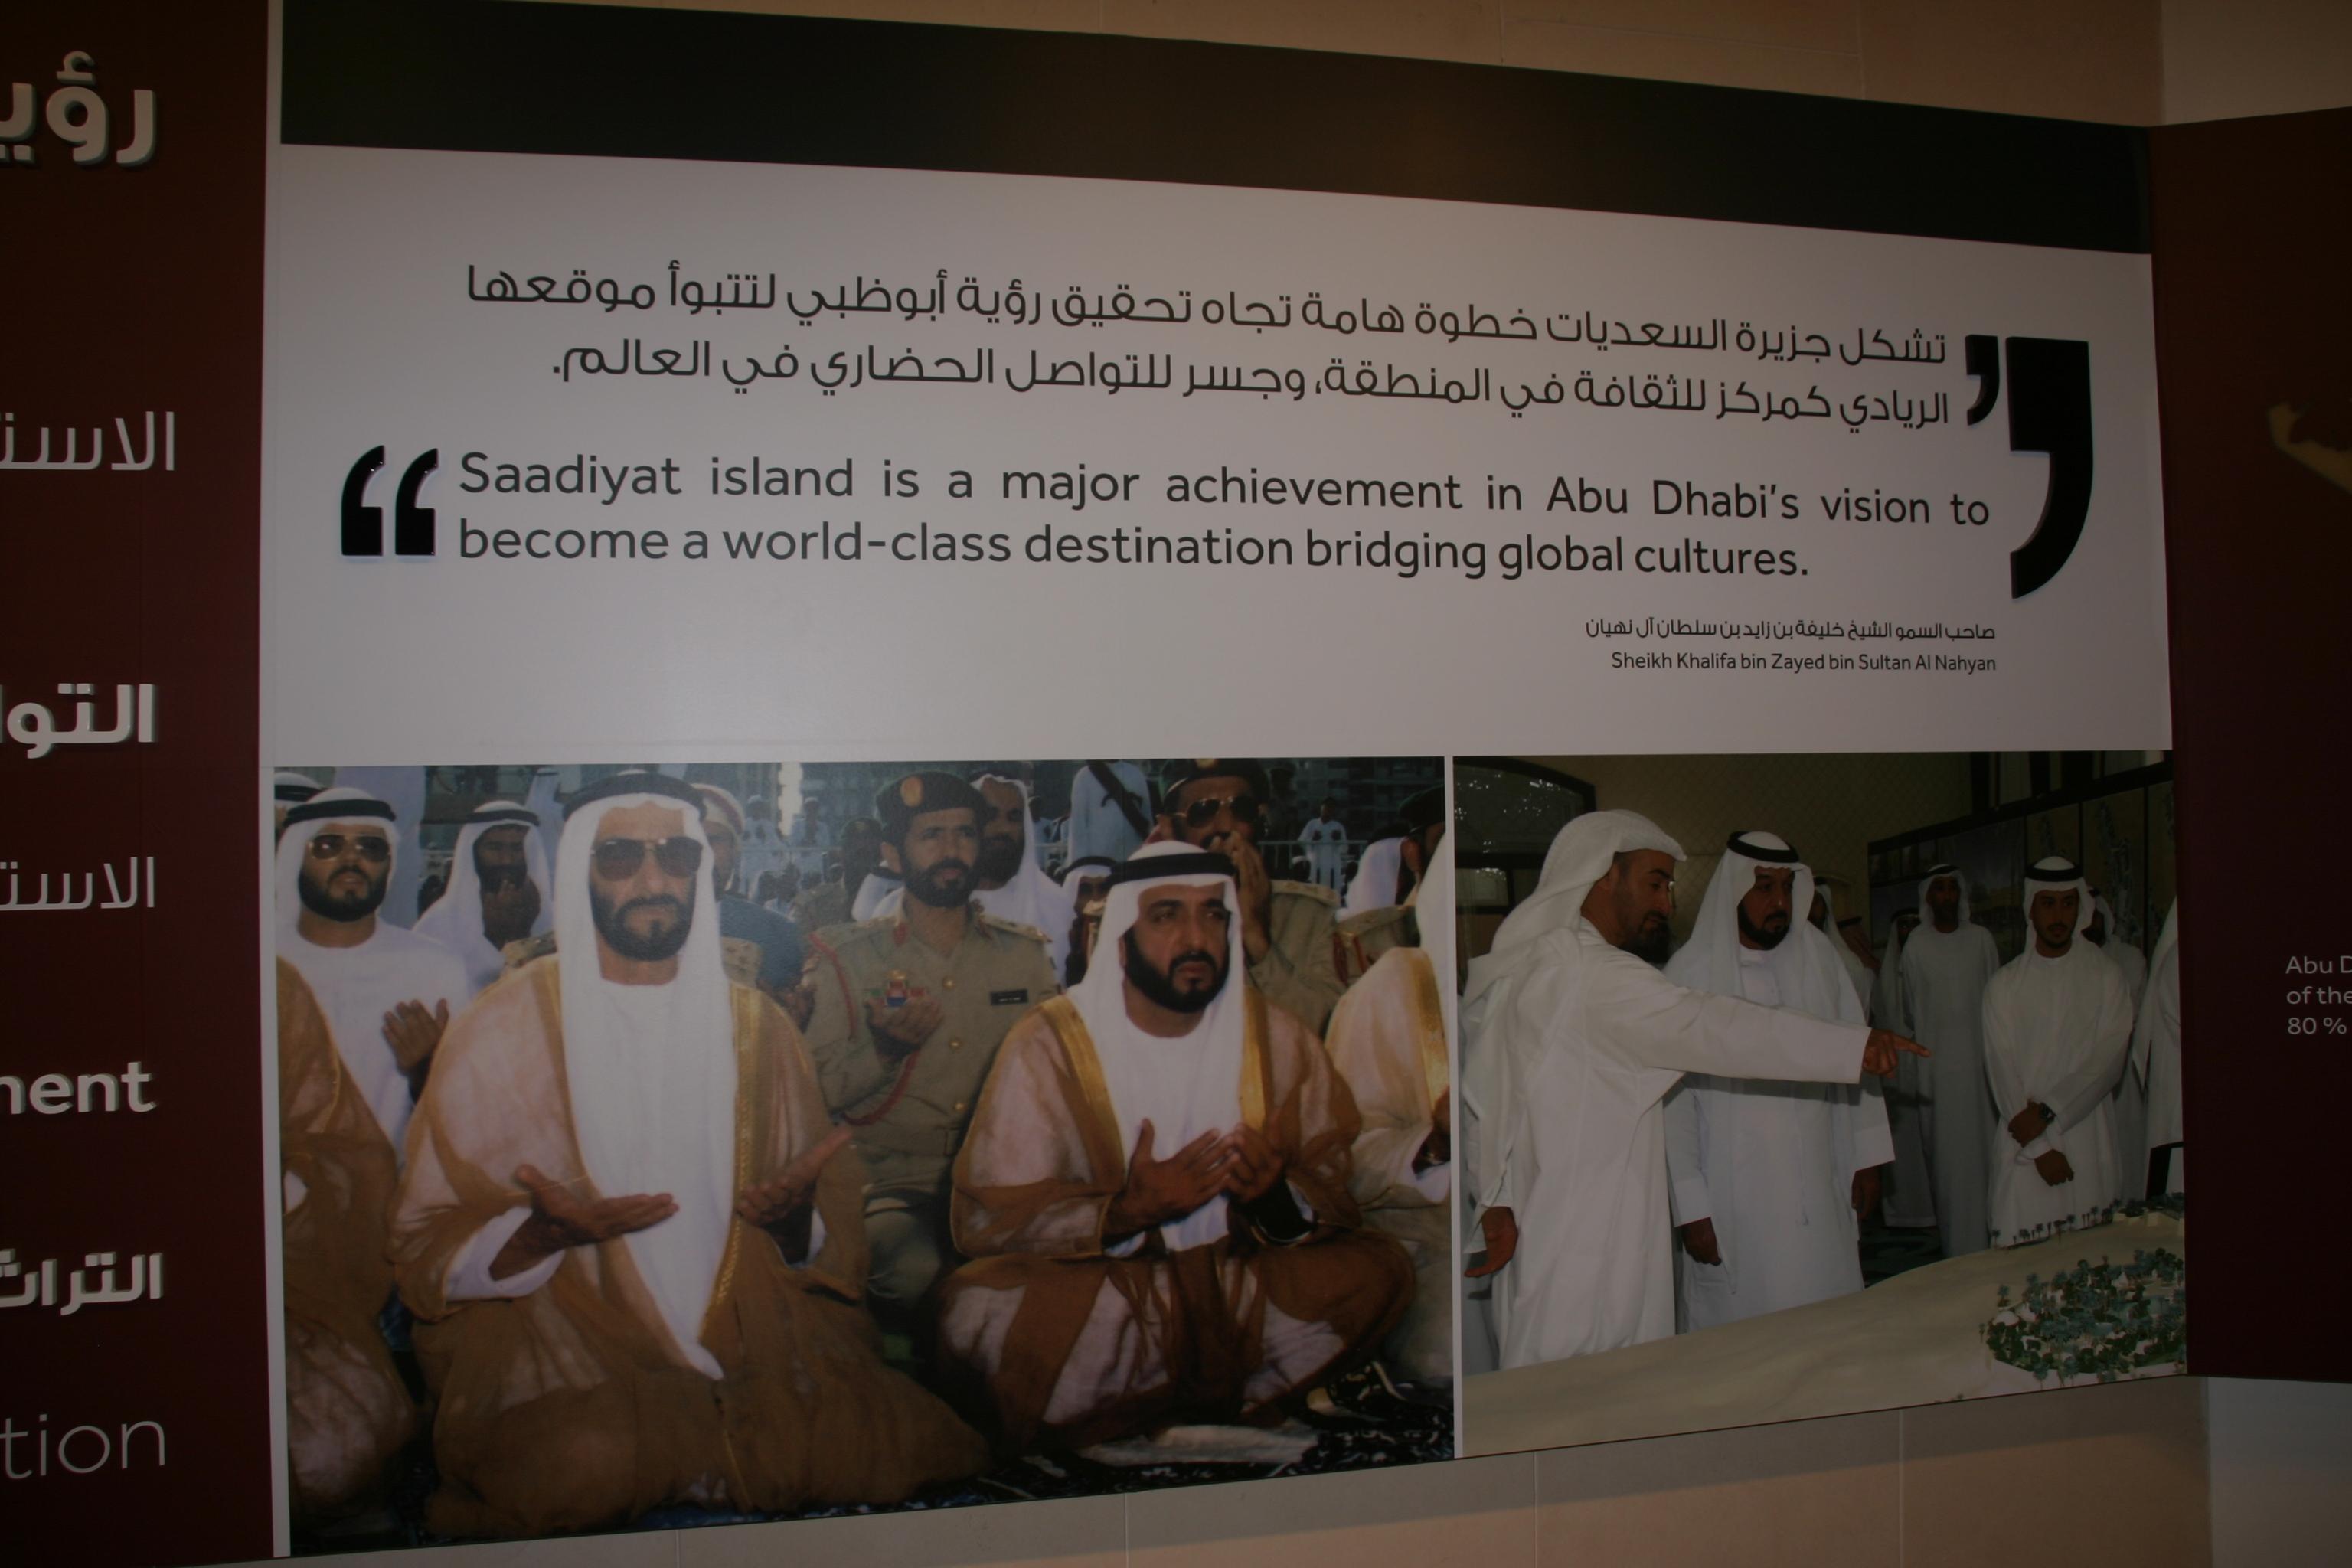 Abu Dhabi a Saadiyat-szigeten építi fel azt a víziót, hogy a világ kultúrái közti hidat töltse be